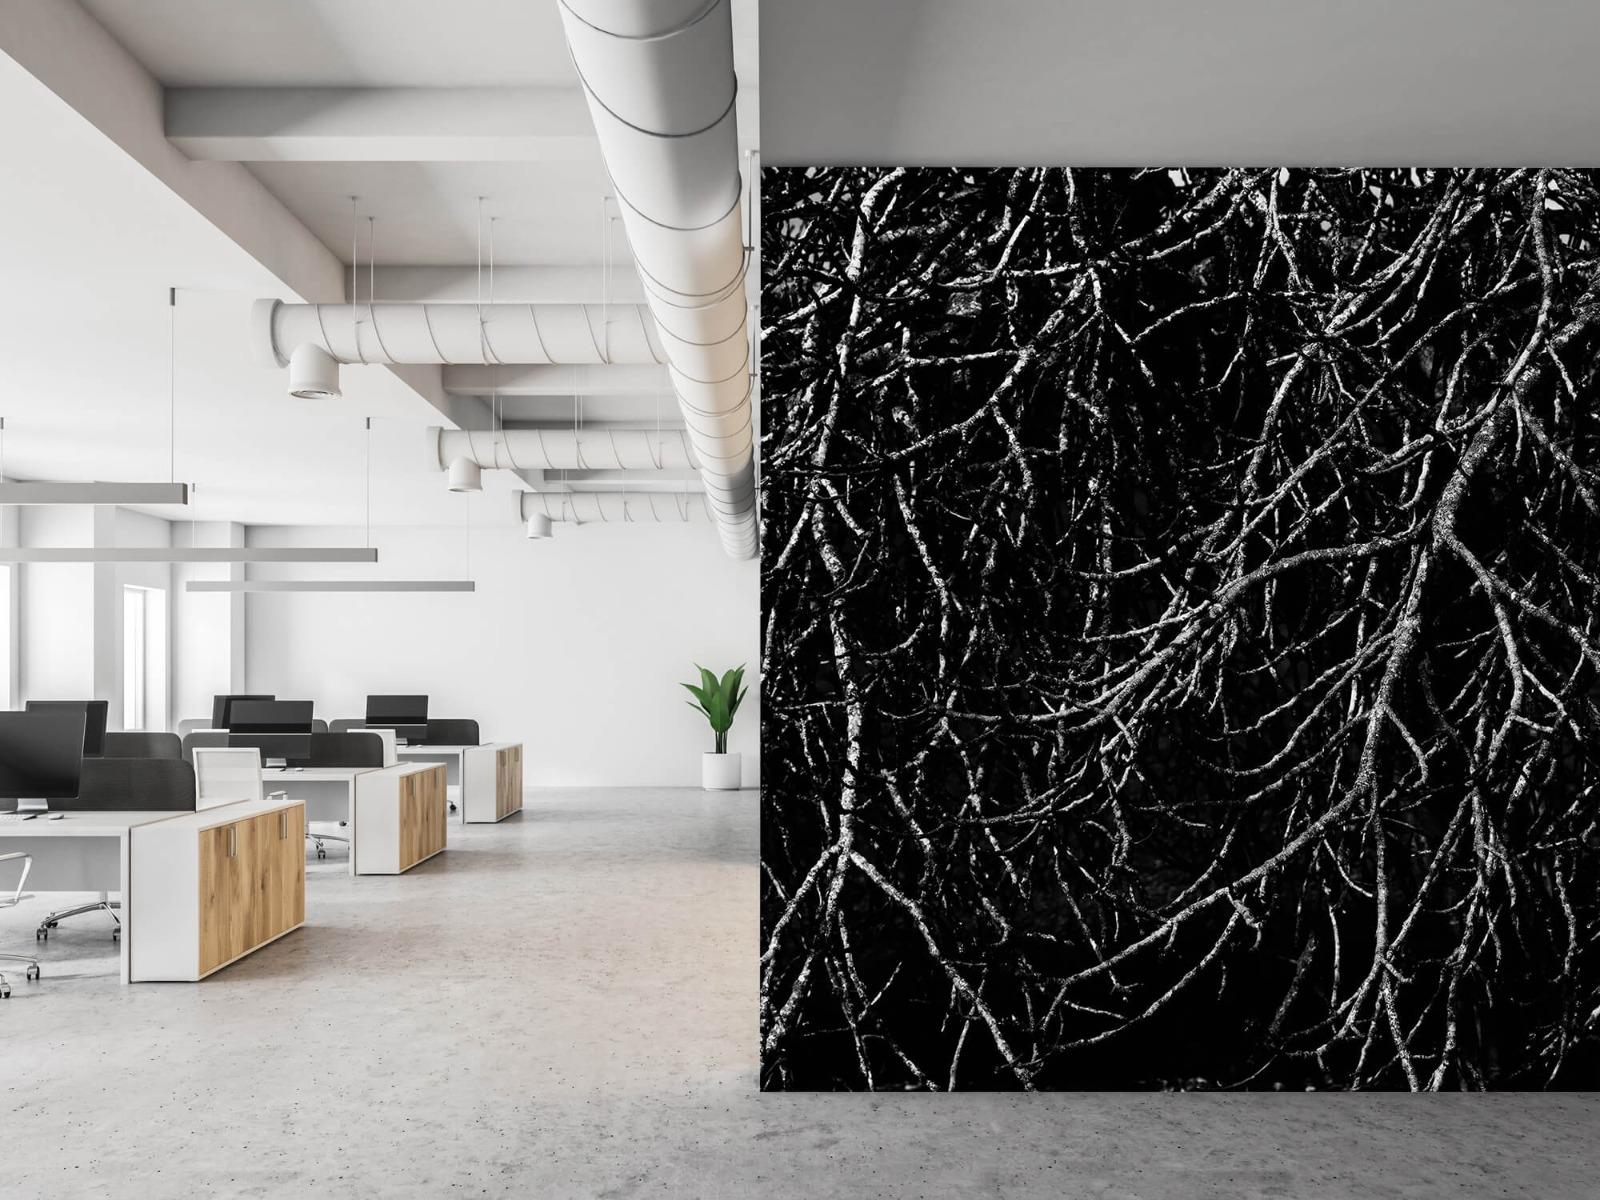 Zwart Wit behang - Boomtakken in zwart wit - Magazijn 21